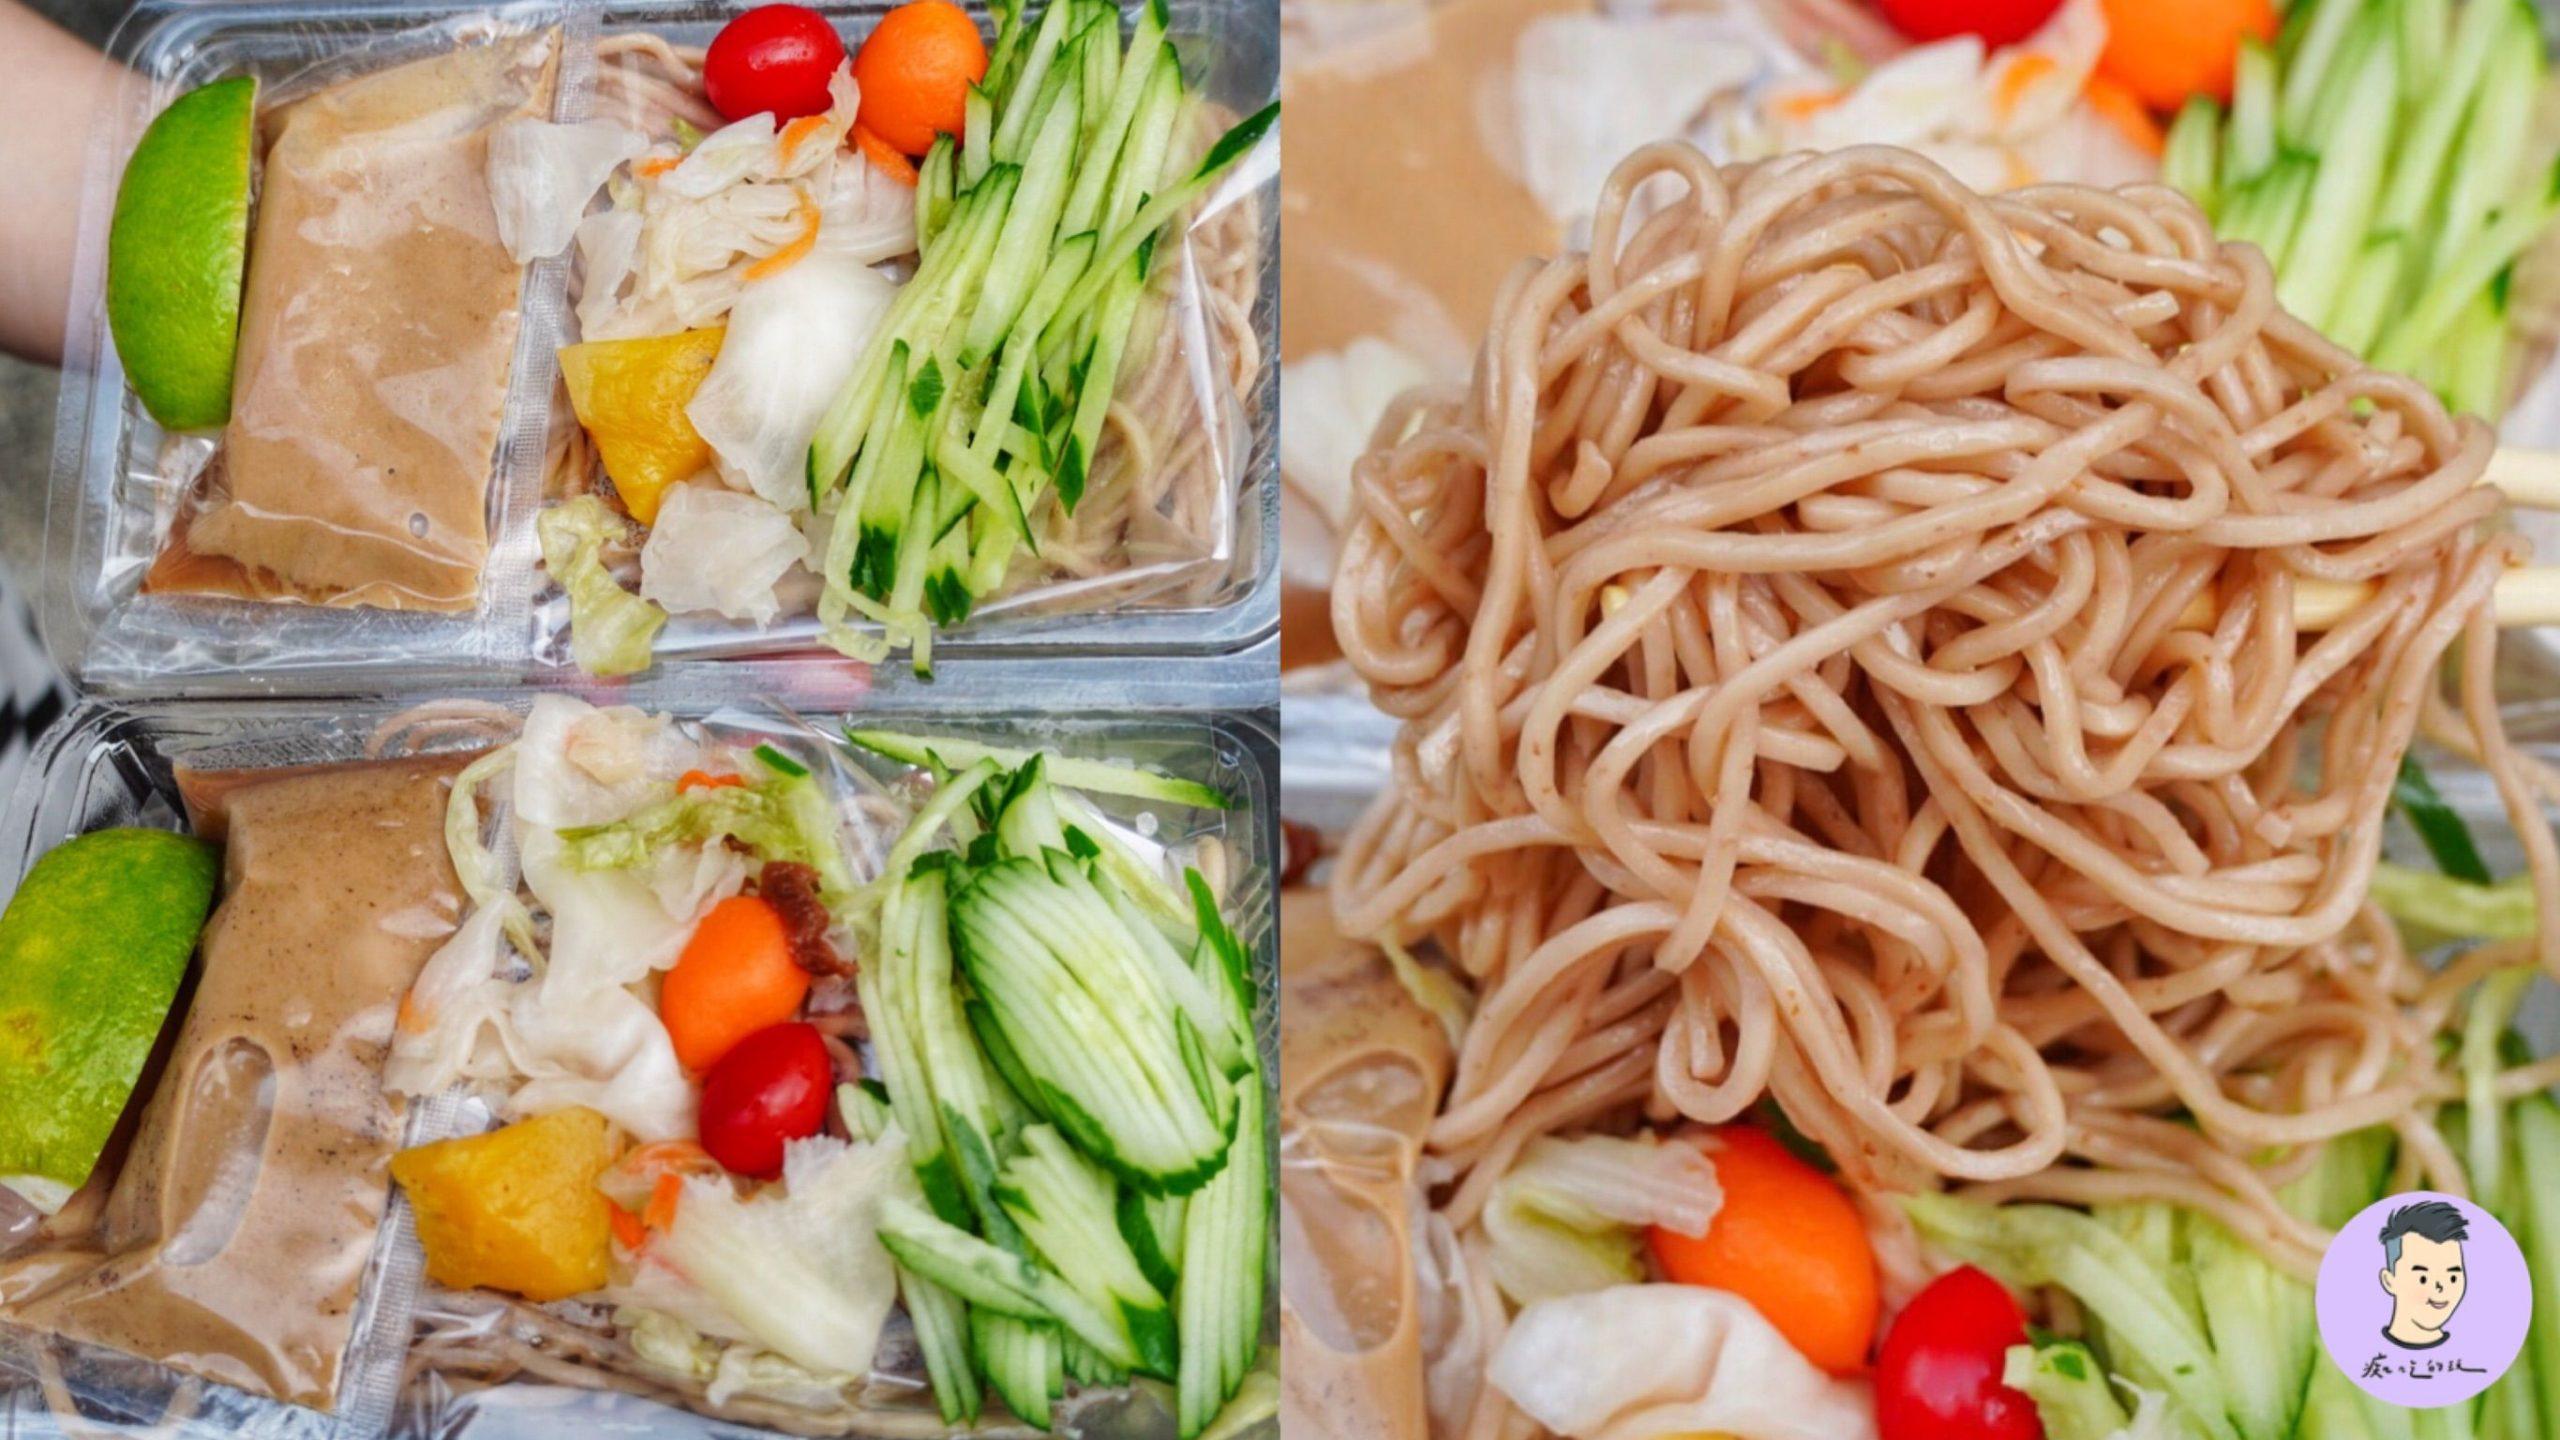 【台南美食】你吃過這樣的涼麵嗎?蕎麥麵+蔬果清爽組合 台南只有這間才有賣 – 美都涼麵